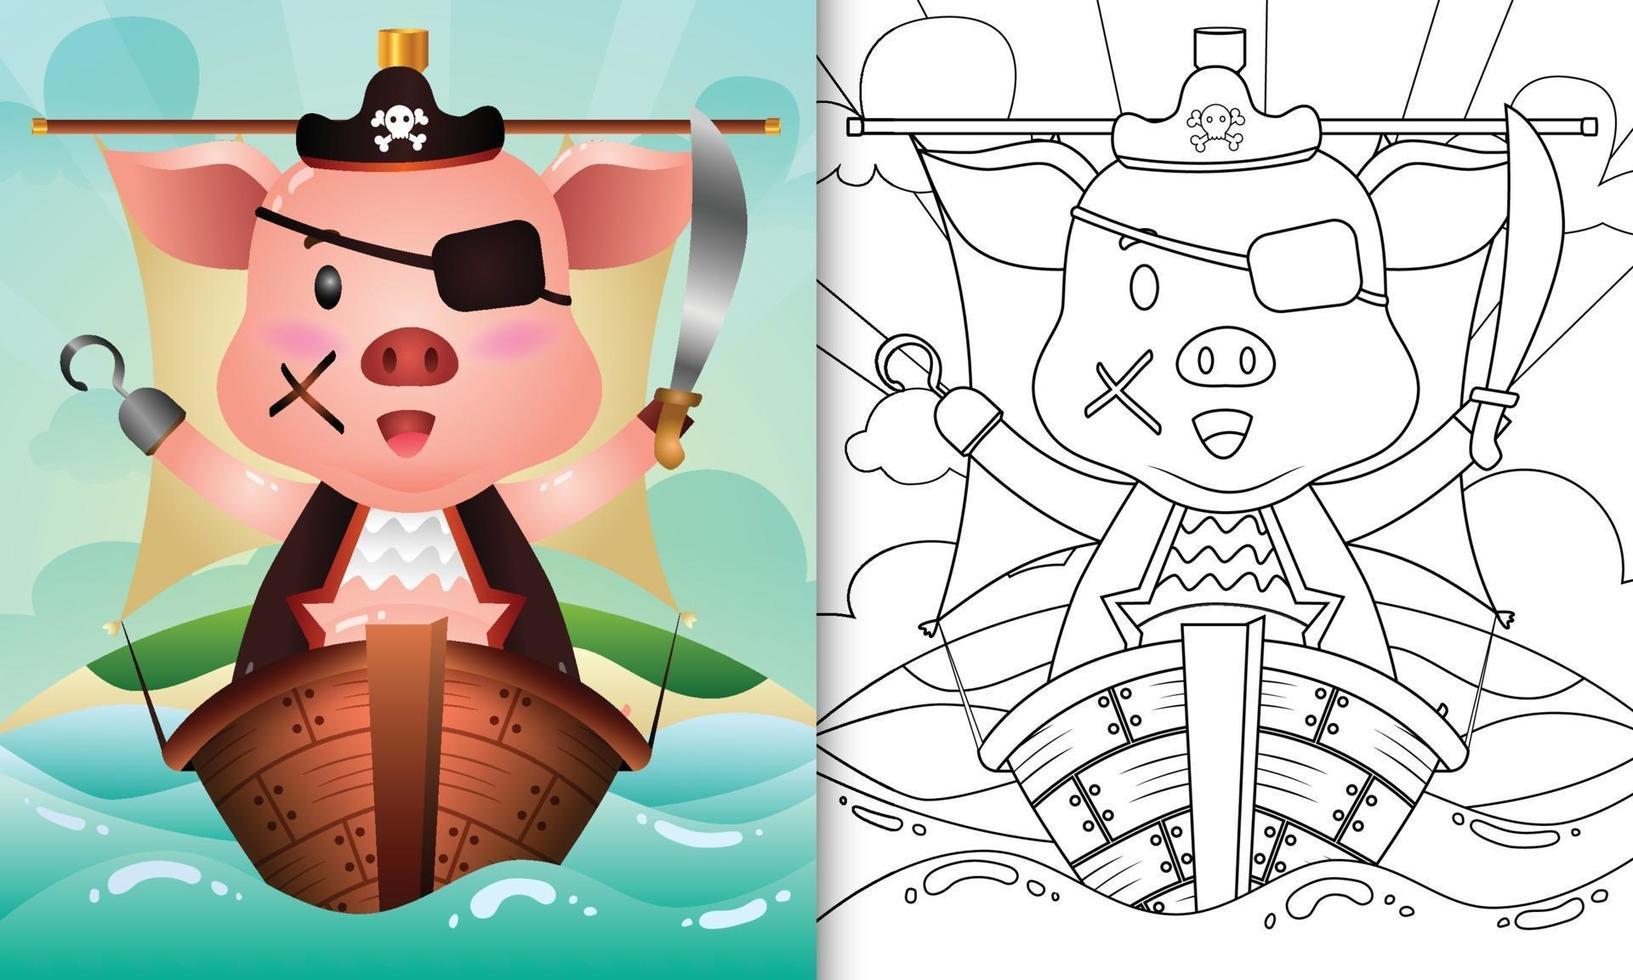 Malbuch für Kinder mit einer niedlichen Piratenschweincharakterillustration vektor